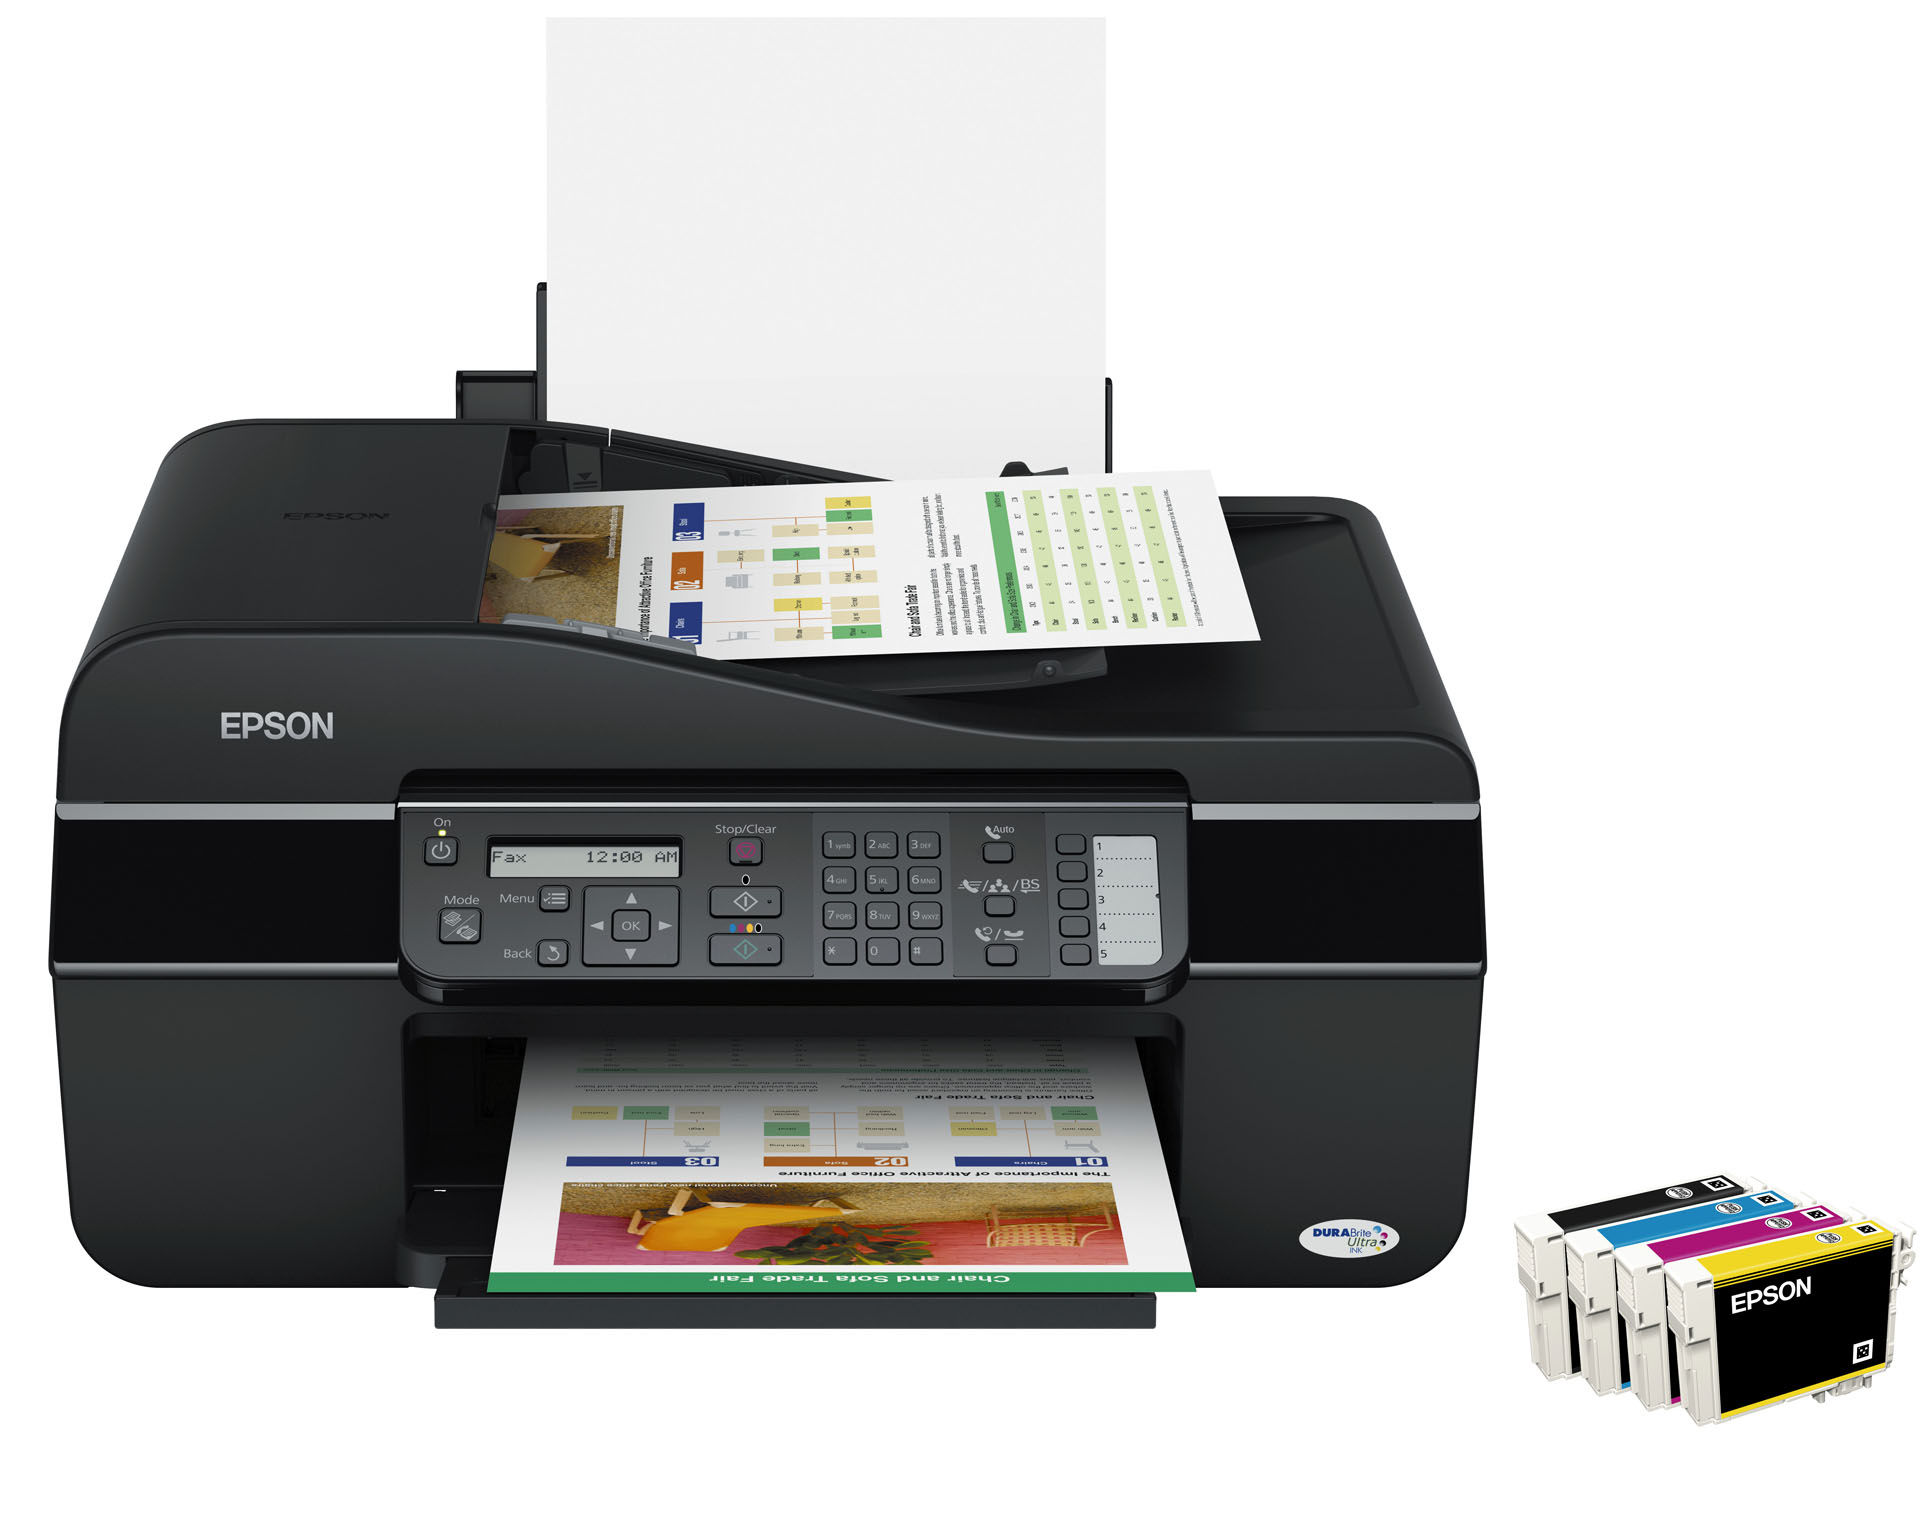 Alimentador automático de documentos y fax incorporado